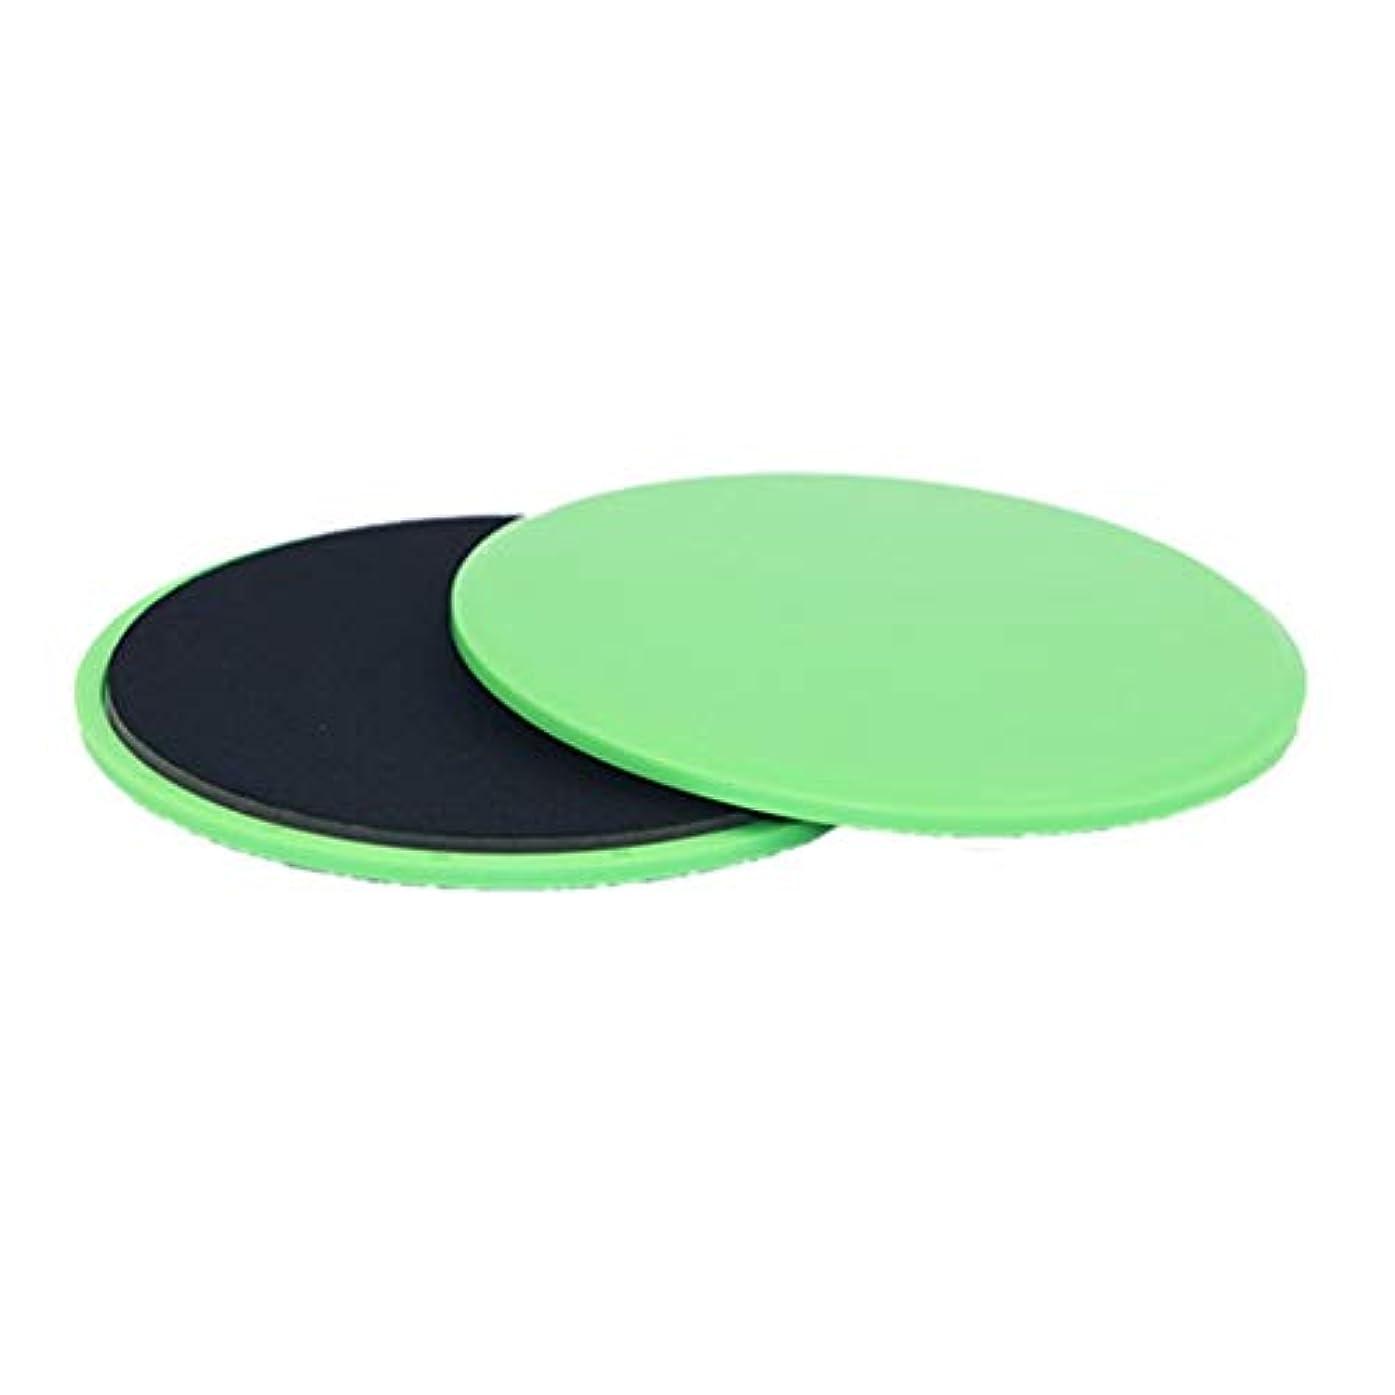 失礼概要半球フィットネススライドグライディングディスクコーディネーション能力フィットネスエクササイズスライダーコアトレーニング用腹部と全身トレーニング - グリーン